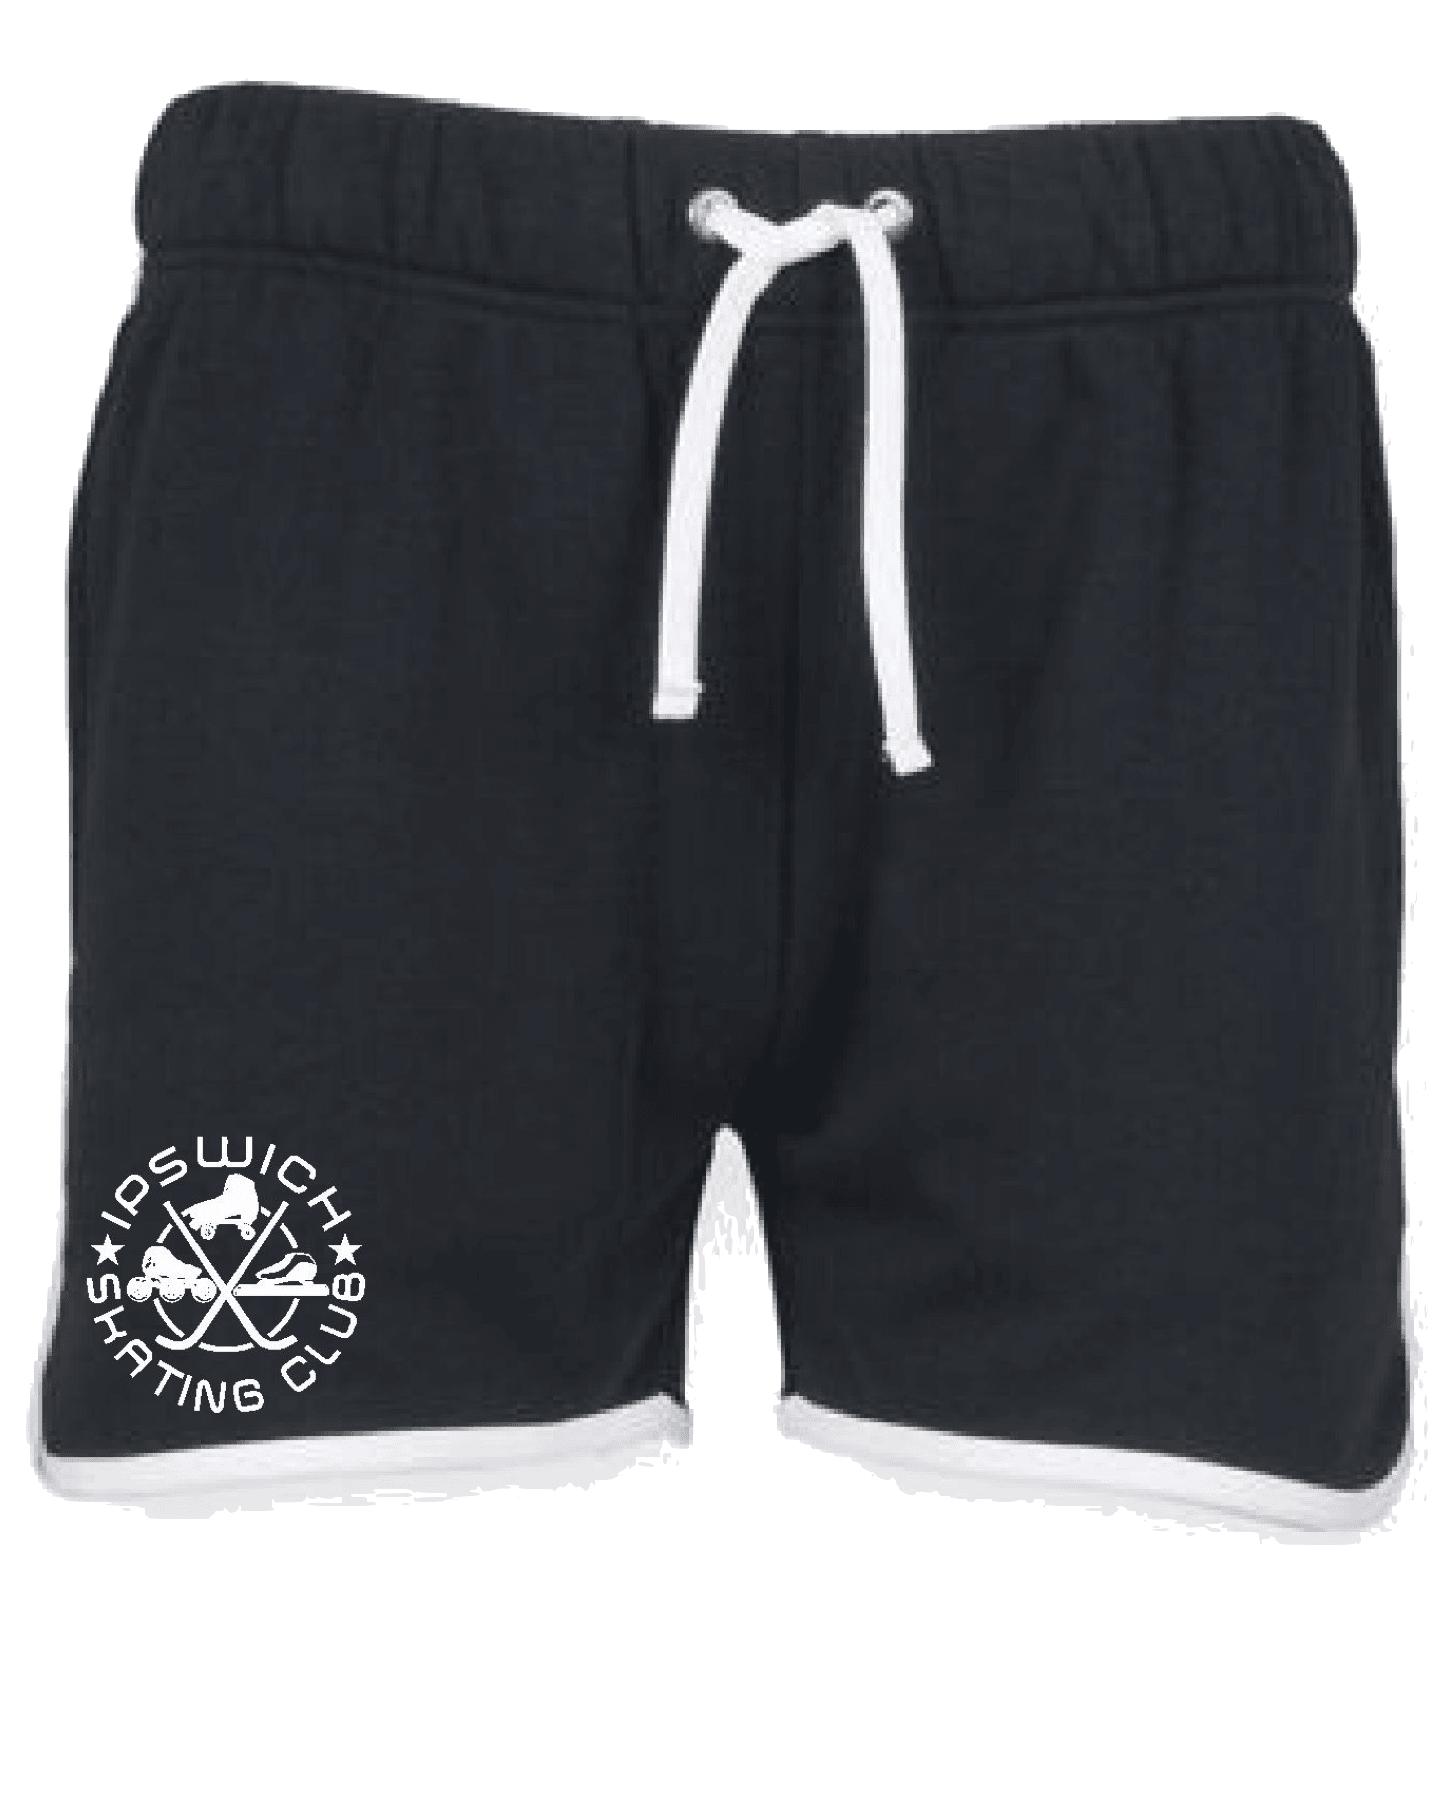 ISC – Retro Shorts (Unisex)